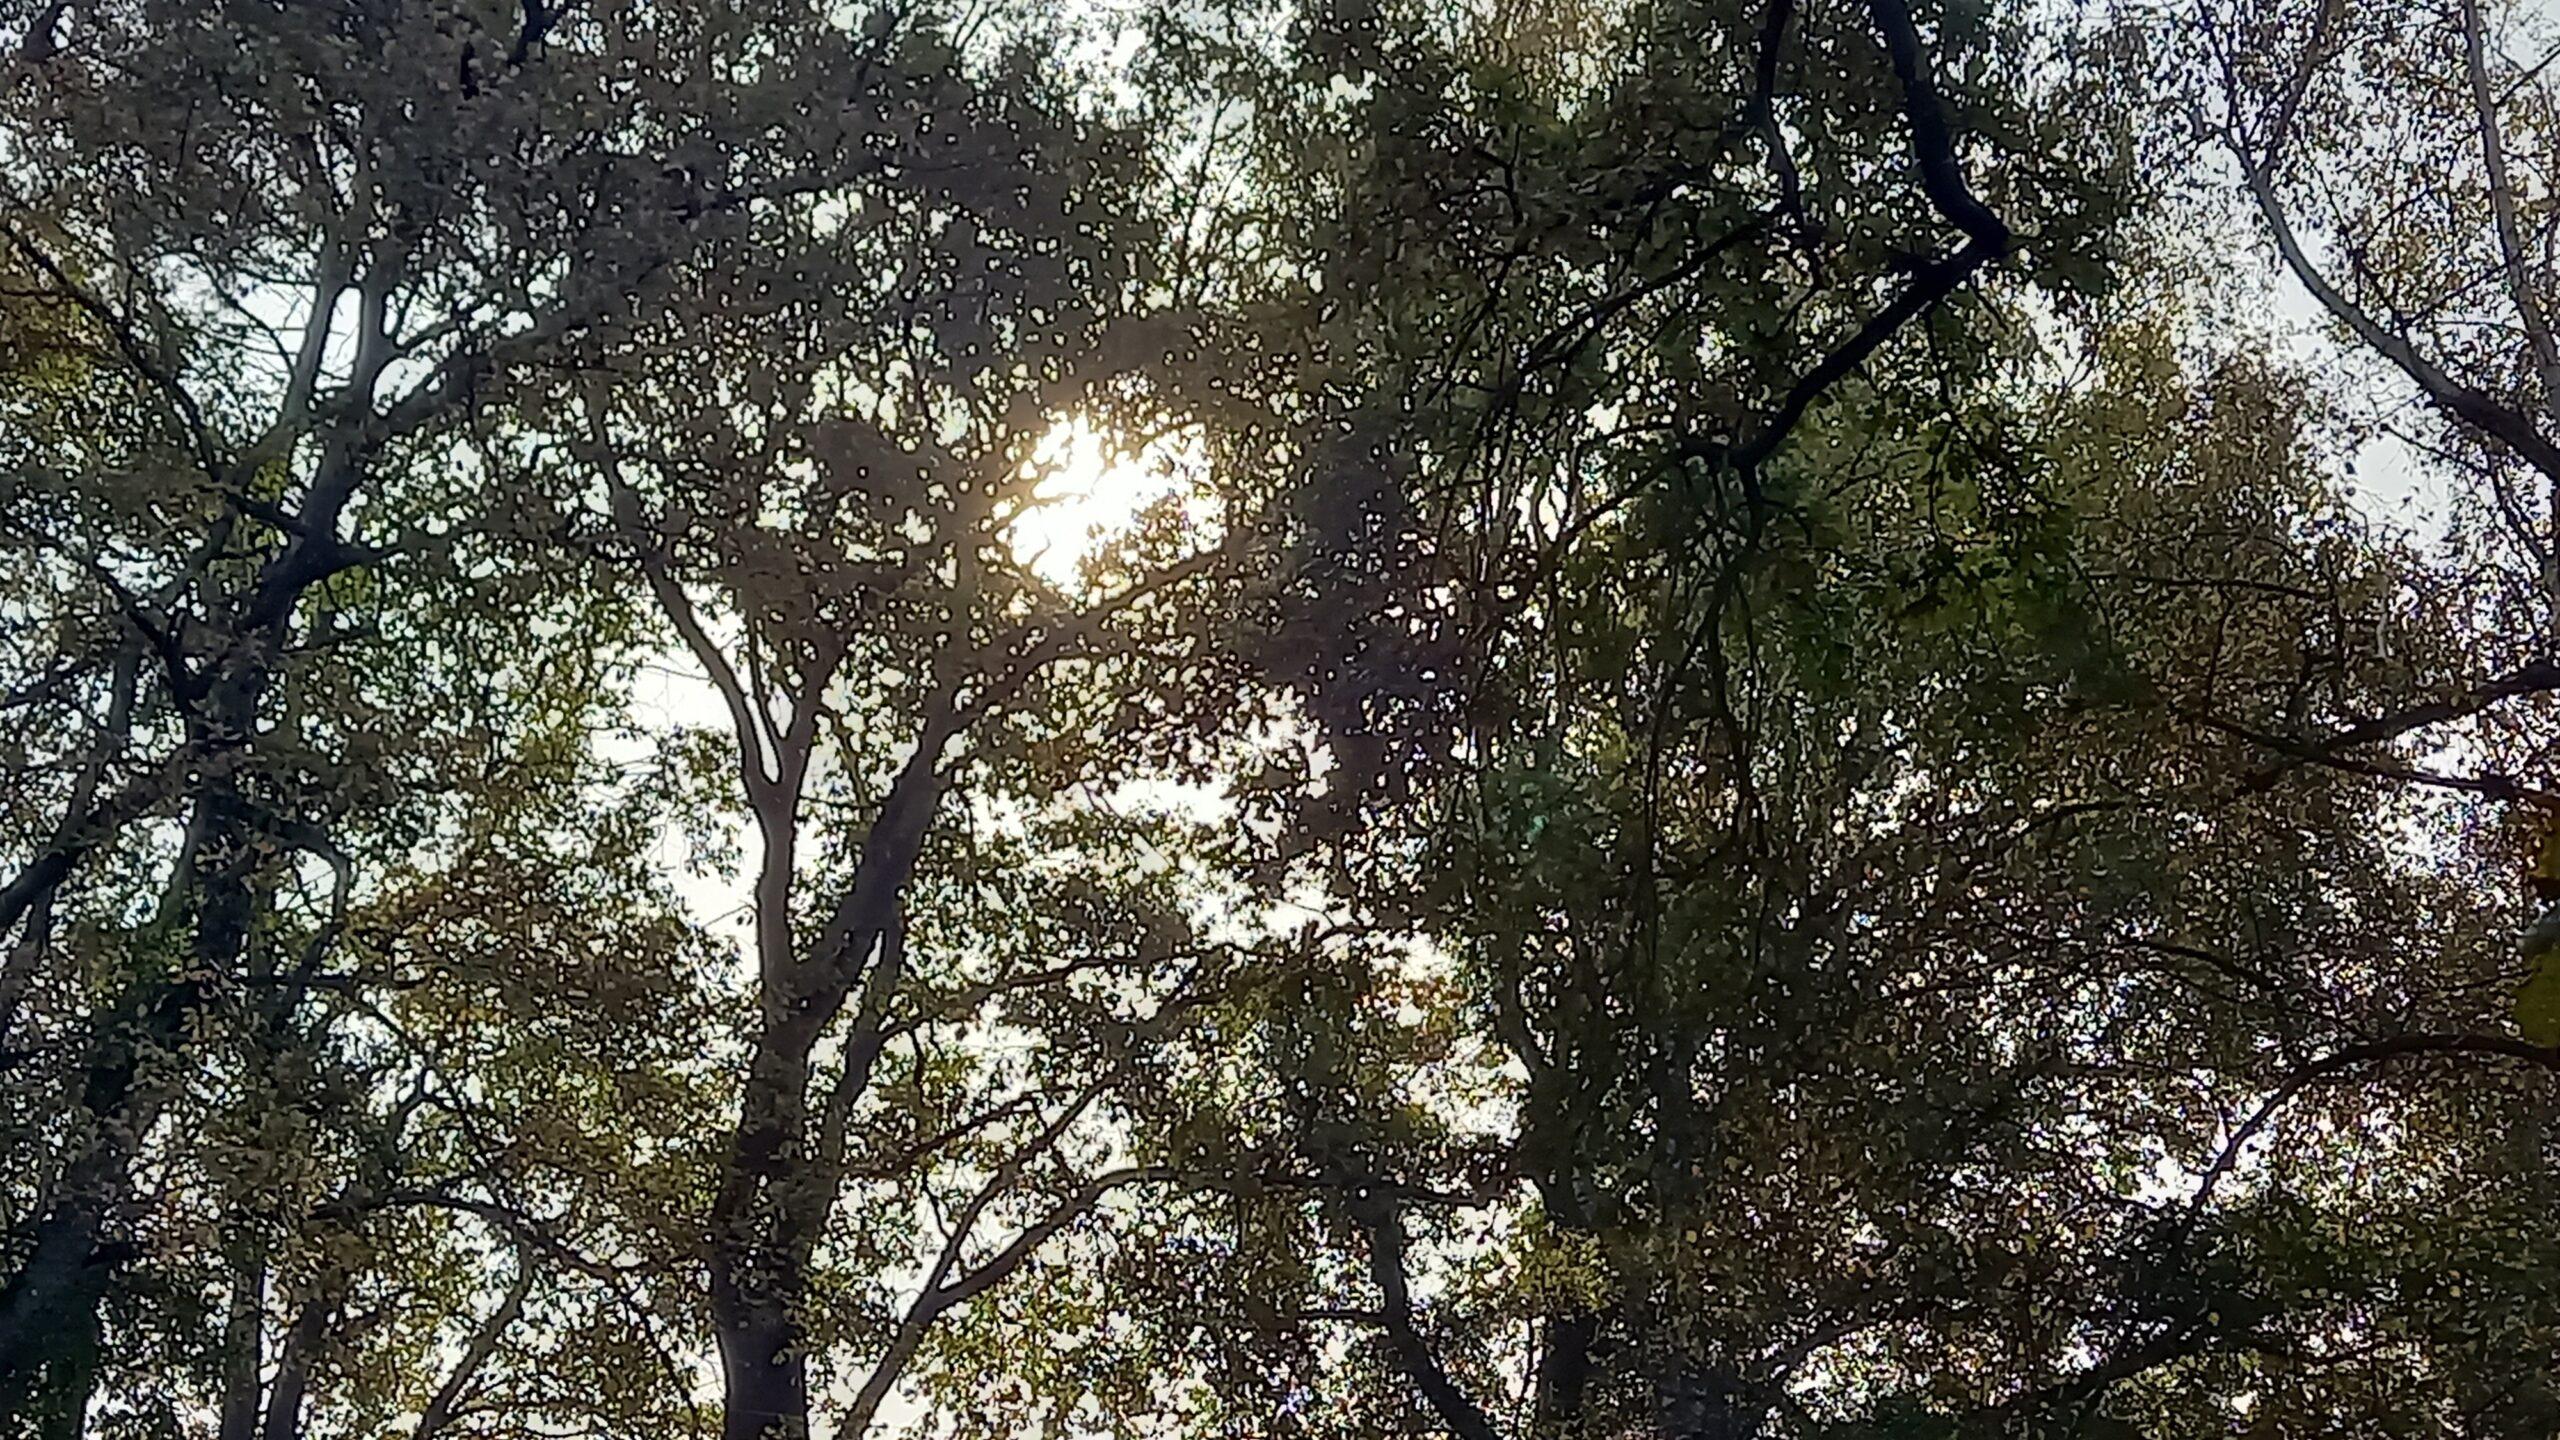 Soleil filtrant à travers les feuilles des arbres.